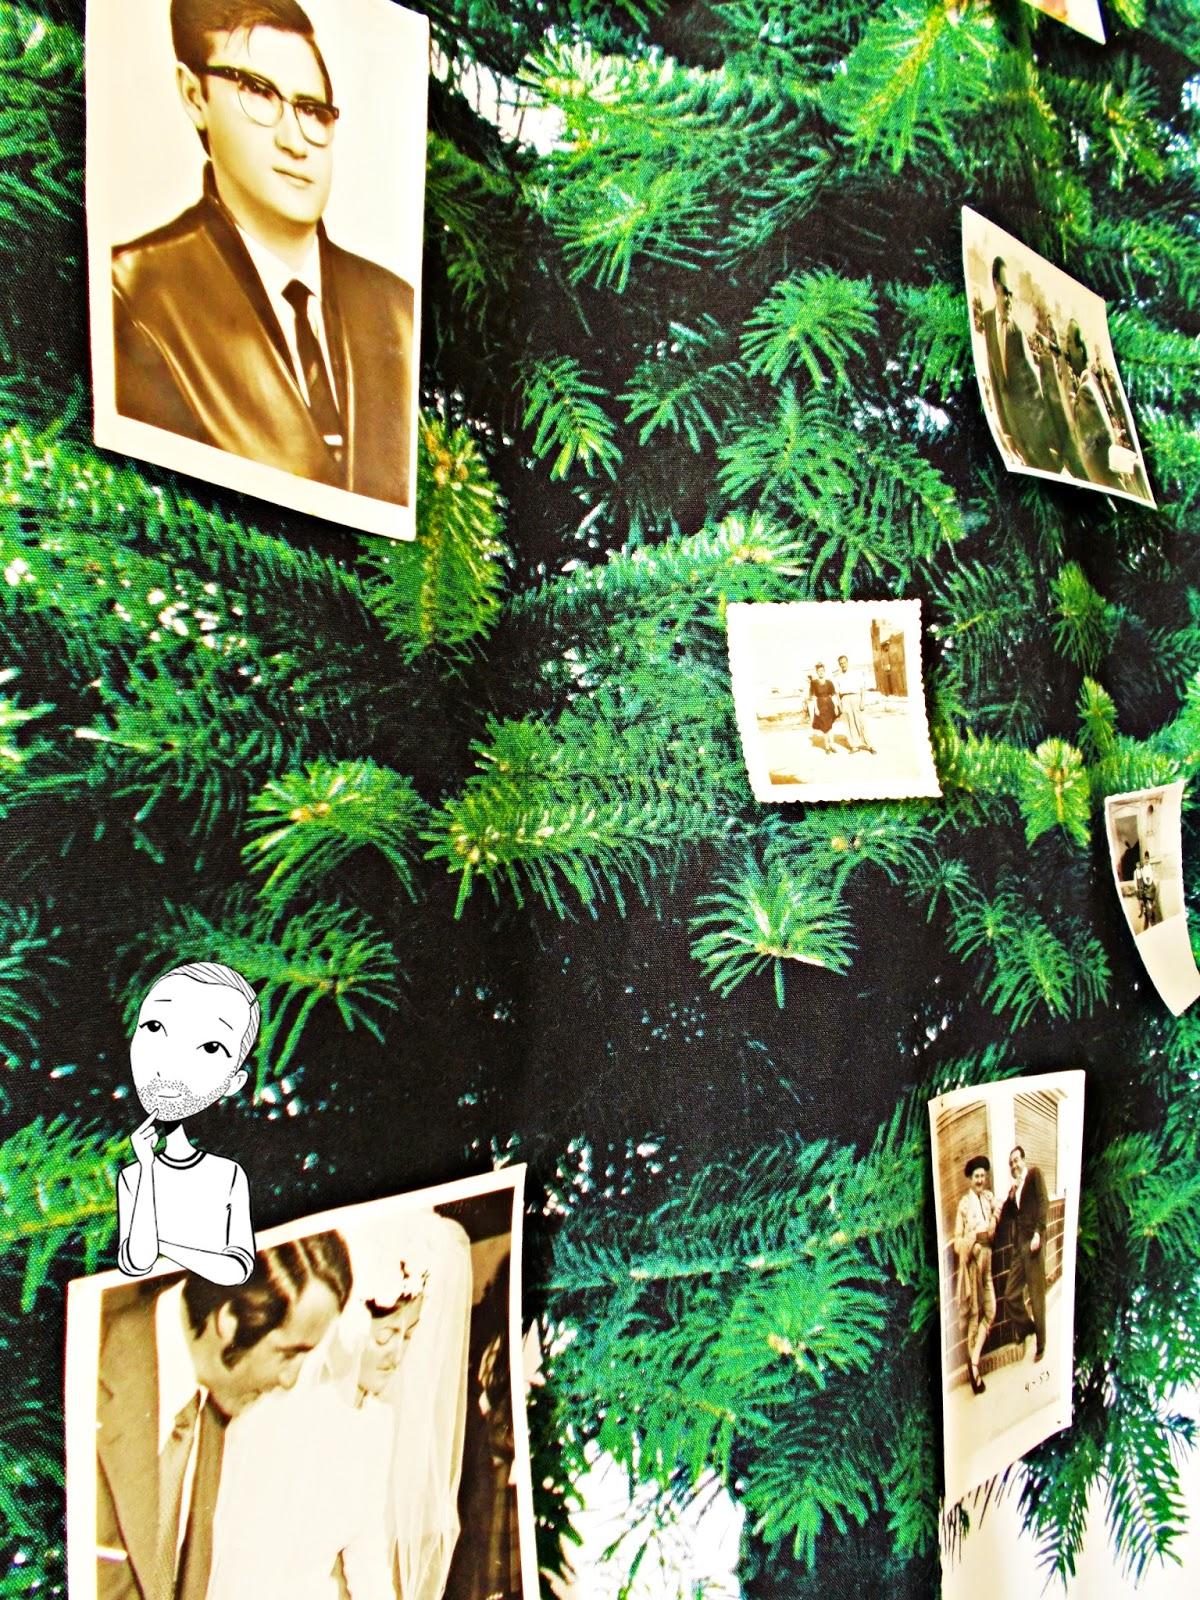 DIY-árbol navidad-textil-coser-costura-pasoapaso-recuerdos-vintage-fotografía-DIYviertete-blogersando-diciembre- (13)gif